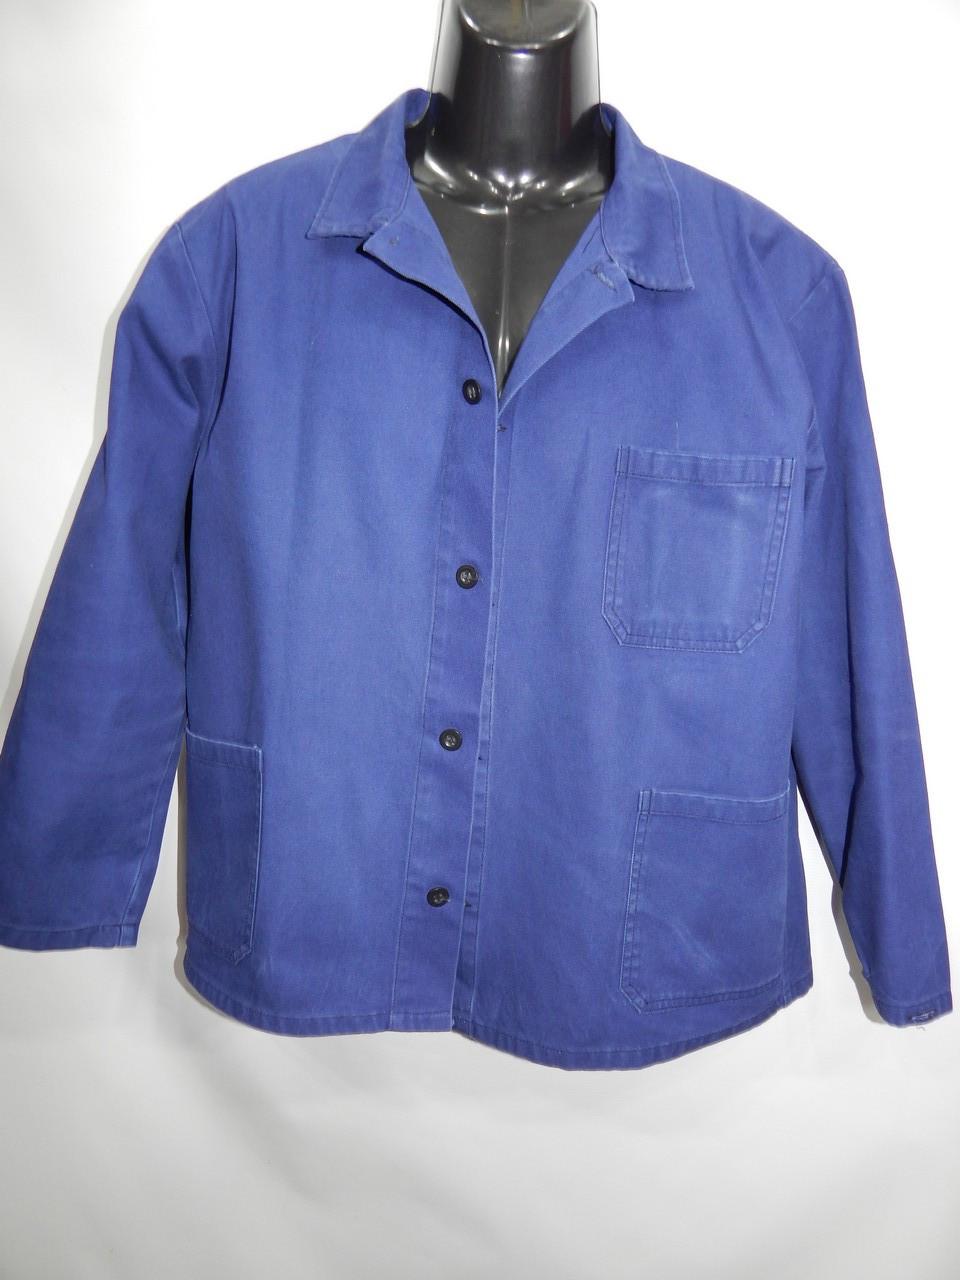 Куртка чоловіча робоча демісезонна р. 52 037МРК